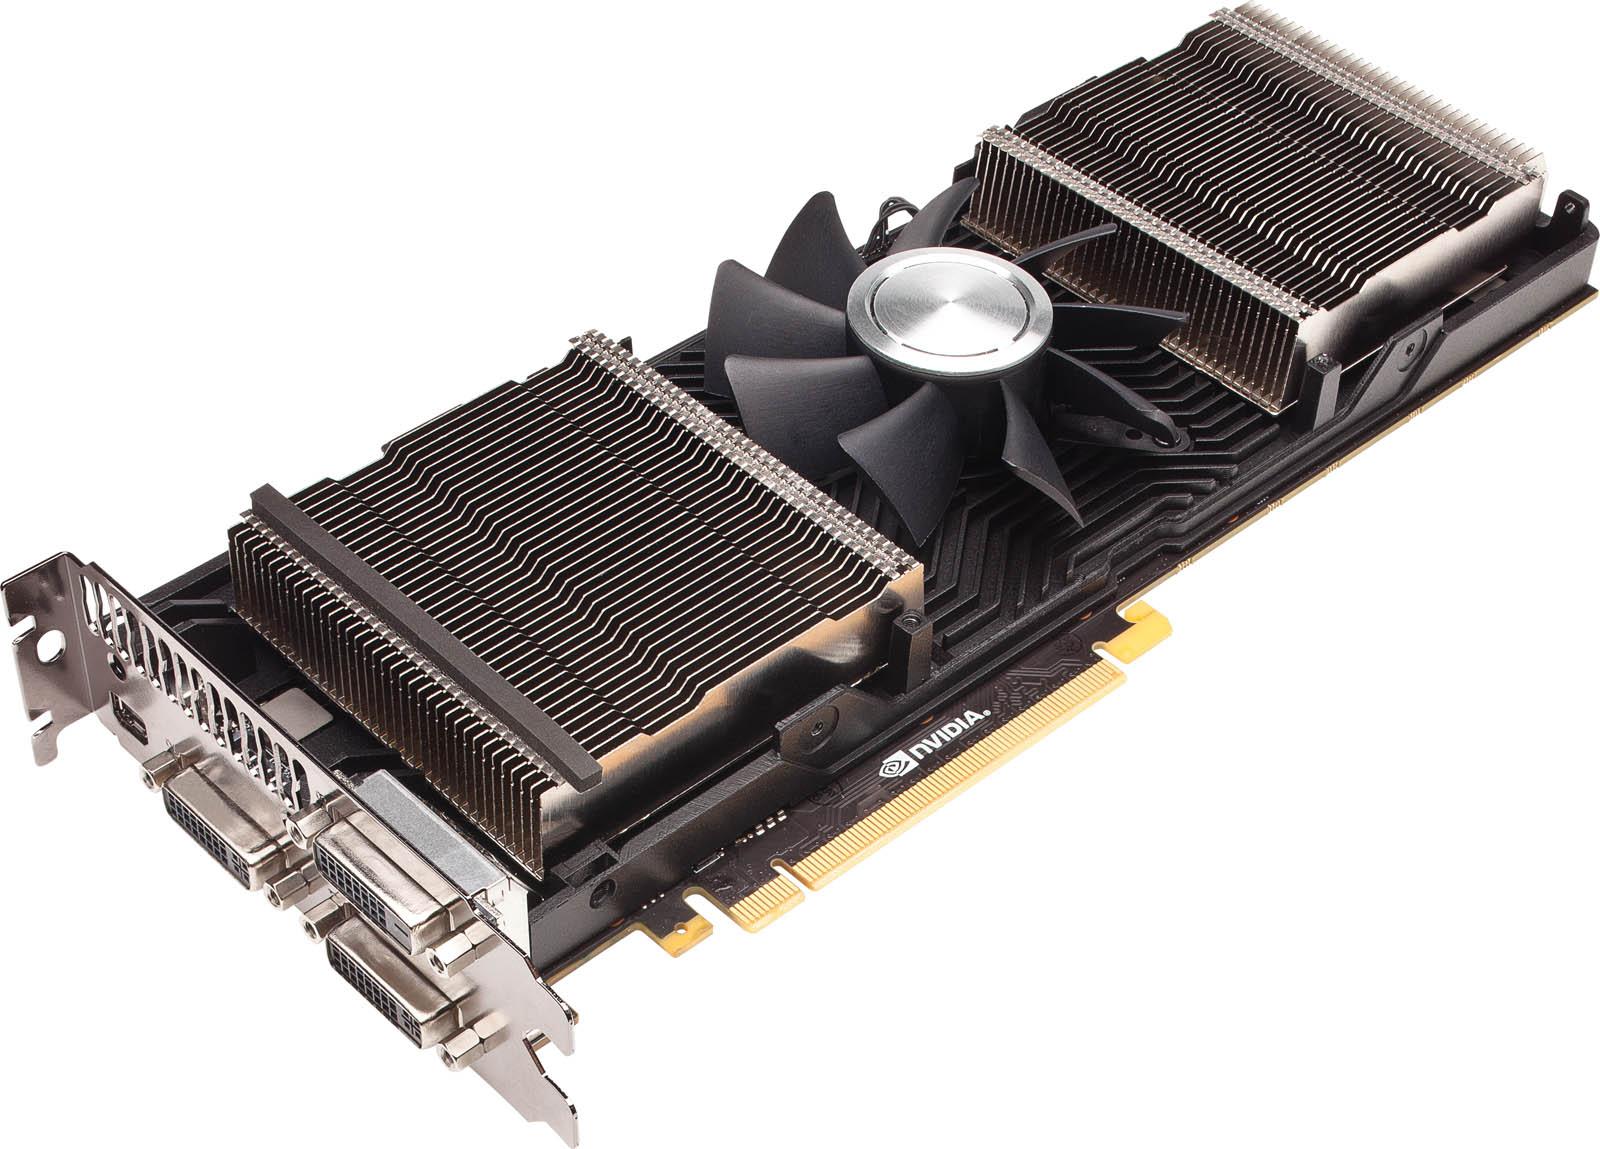 Nvidia představila grafickou kartu GeForce GTX 690 64426